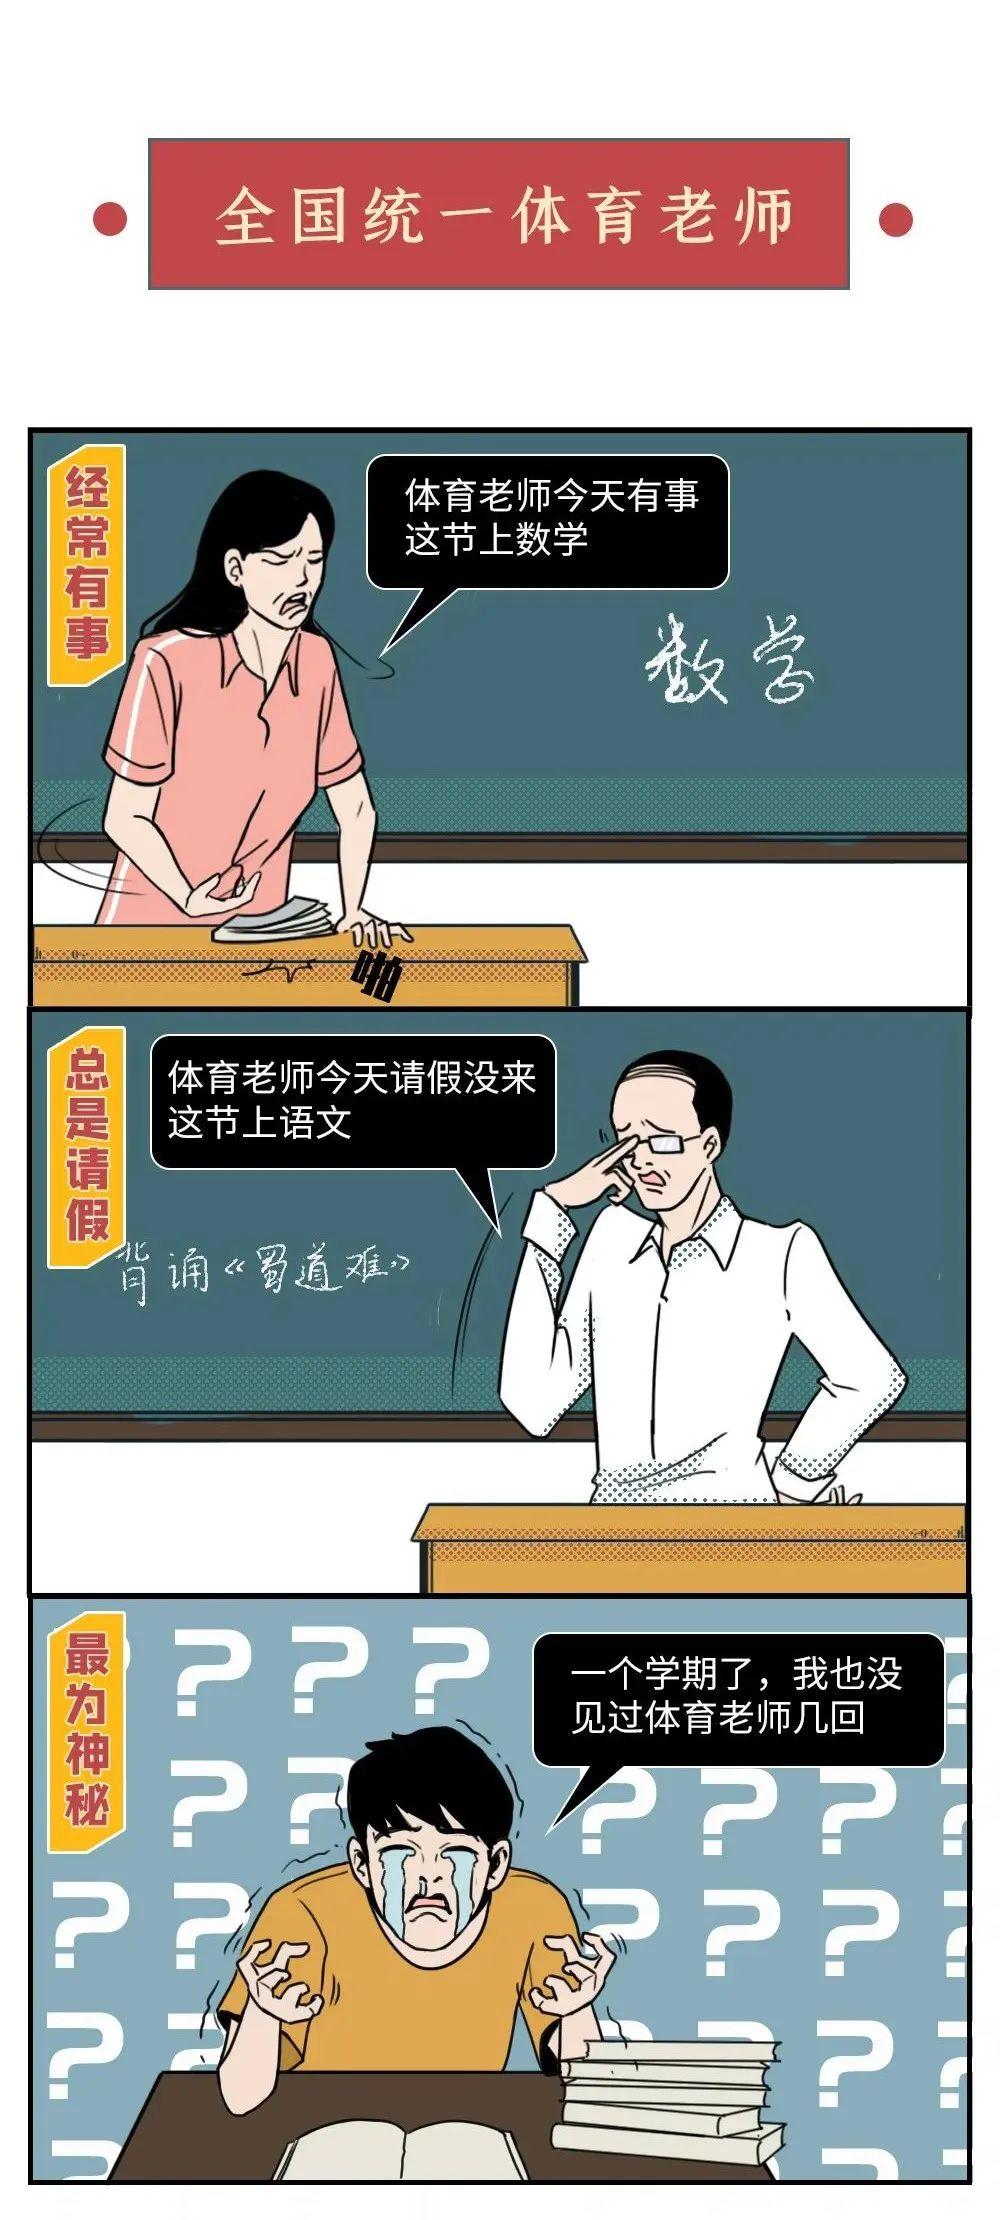 【山亭公社网】_太准了吧,这就是我的老师!